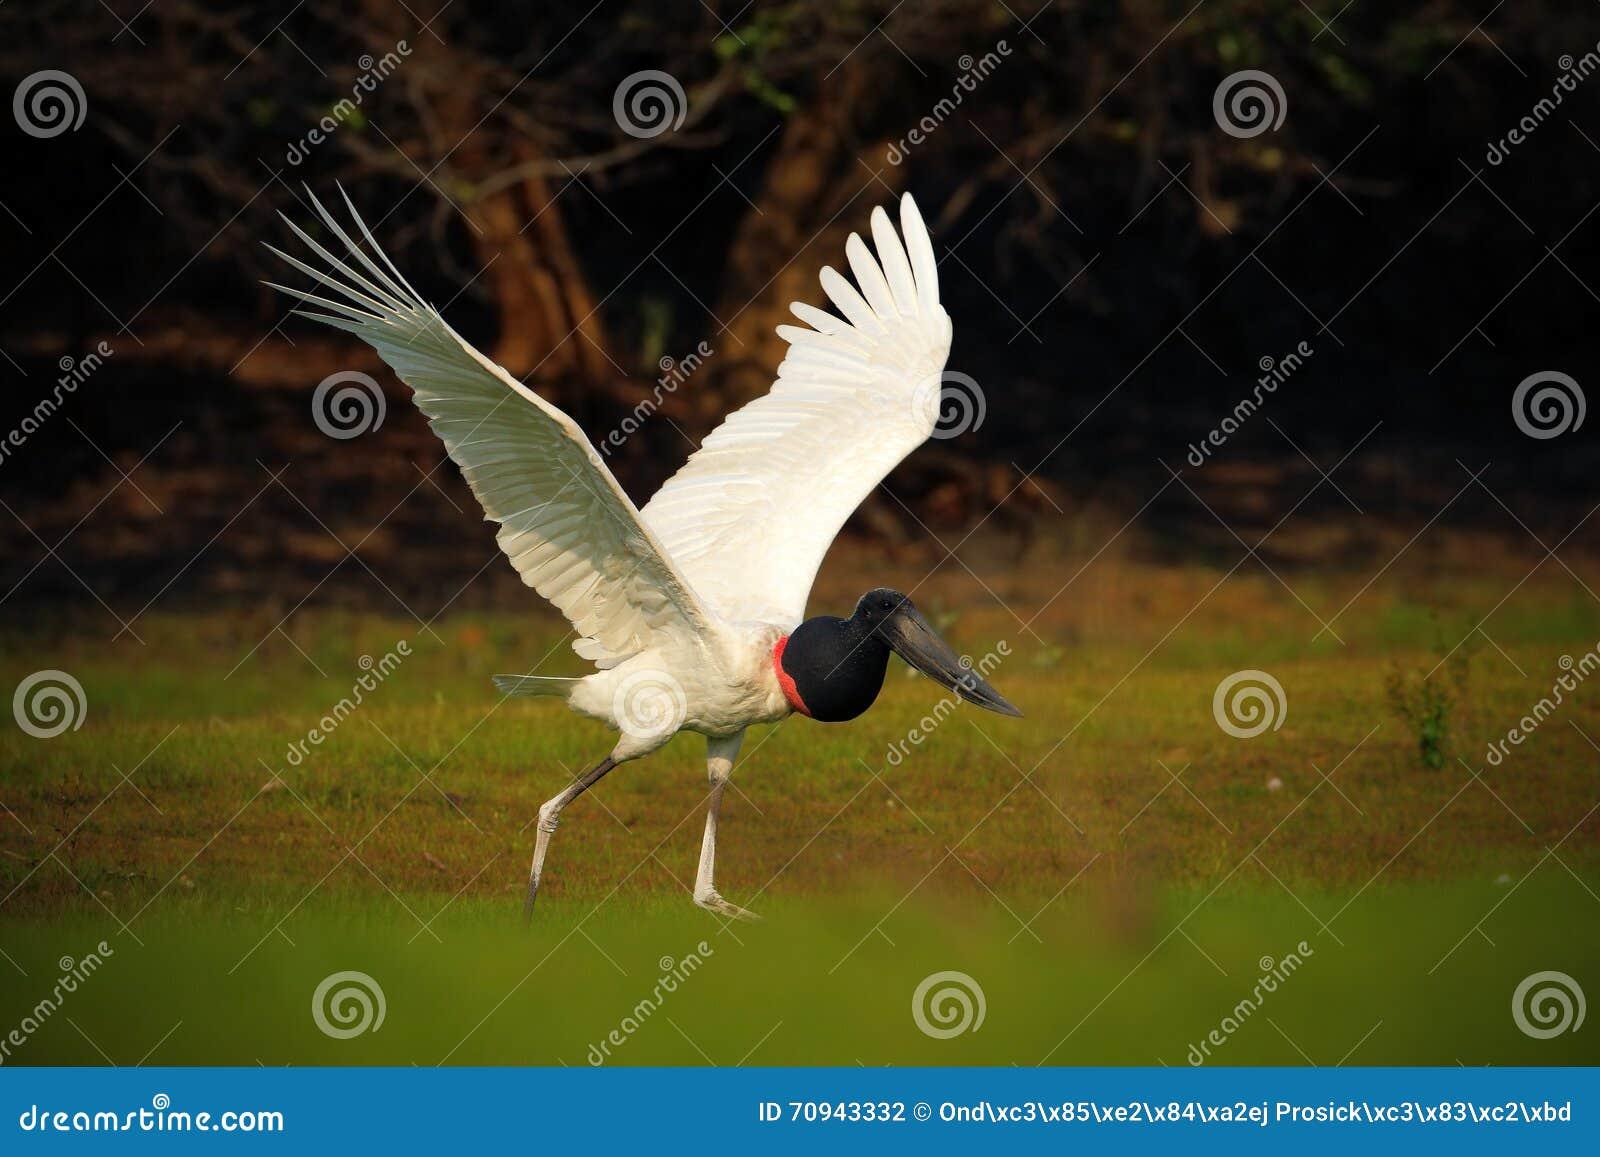 Jabiru, mycteria di Jabiru, in bianco e nero nell uccello acquatico verde, animale nell habitat della natura, Pantanal, Brasile